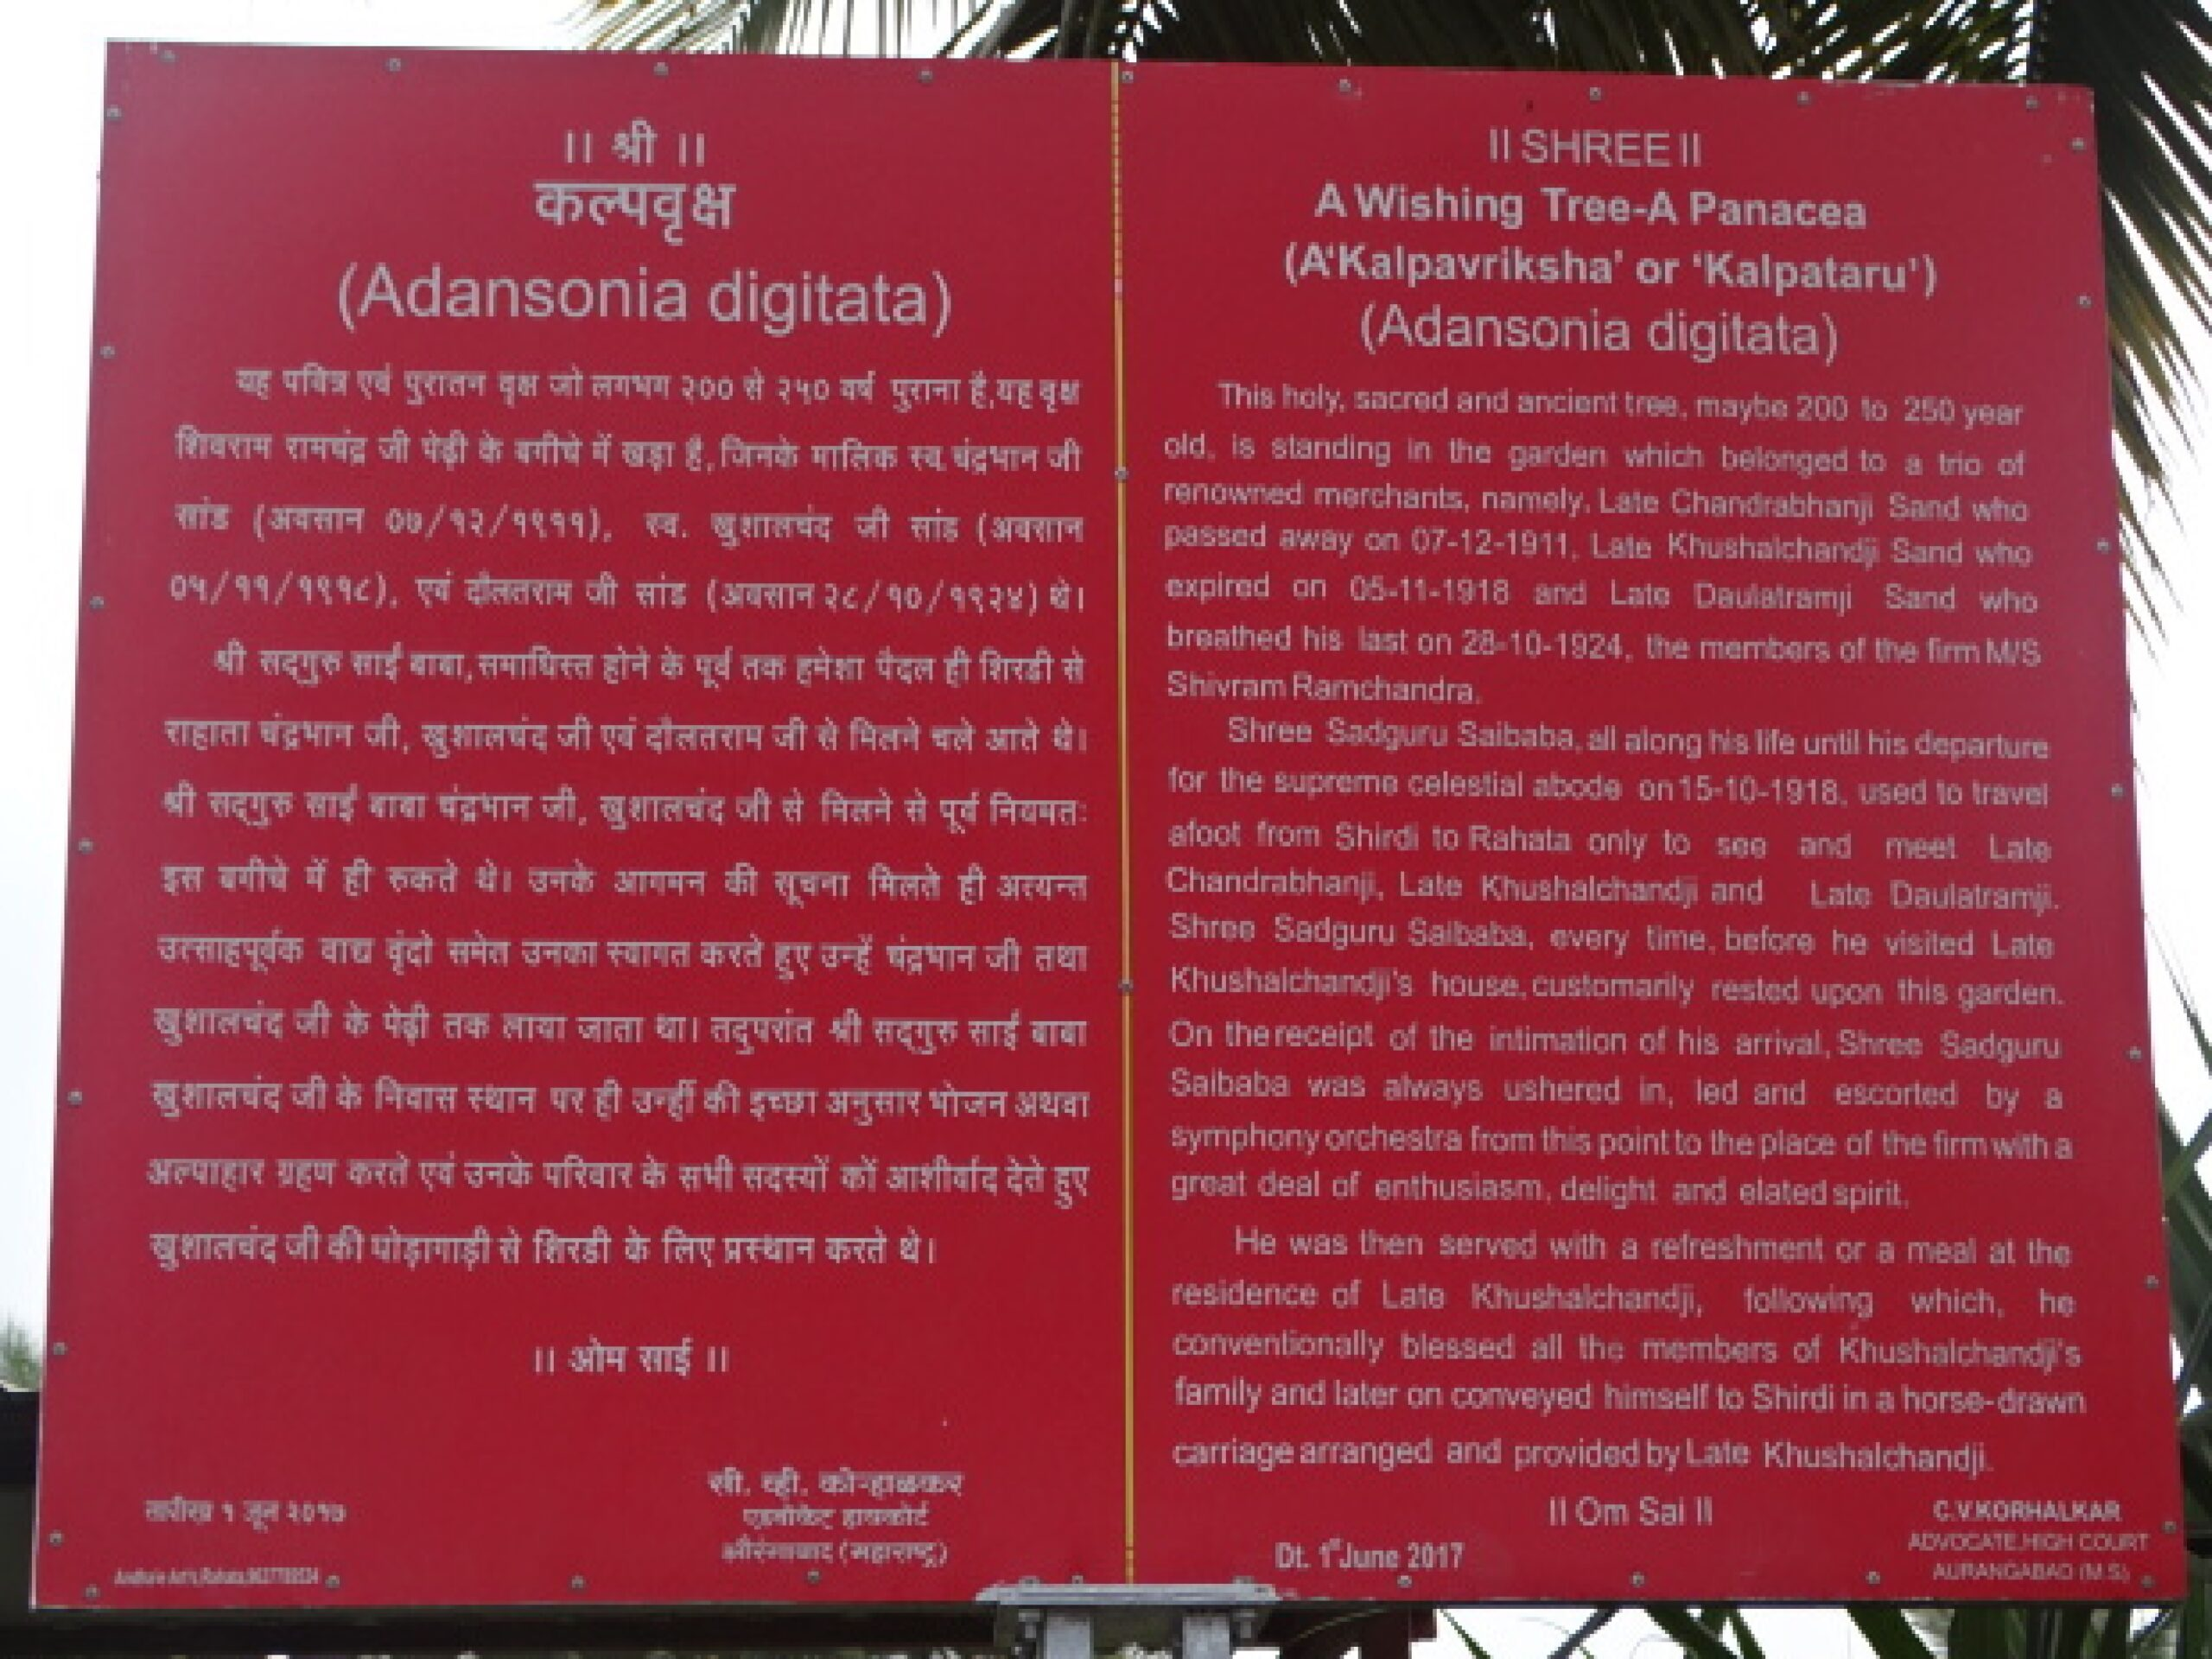 A Wishing Tree - A Panacea (Shirdi, Maharashtra,, India) - Historical Marker